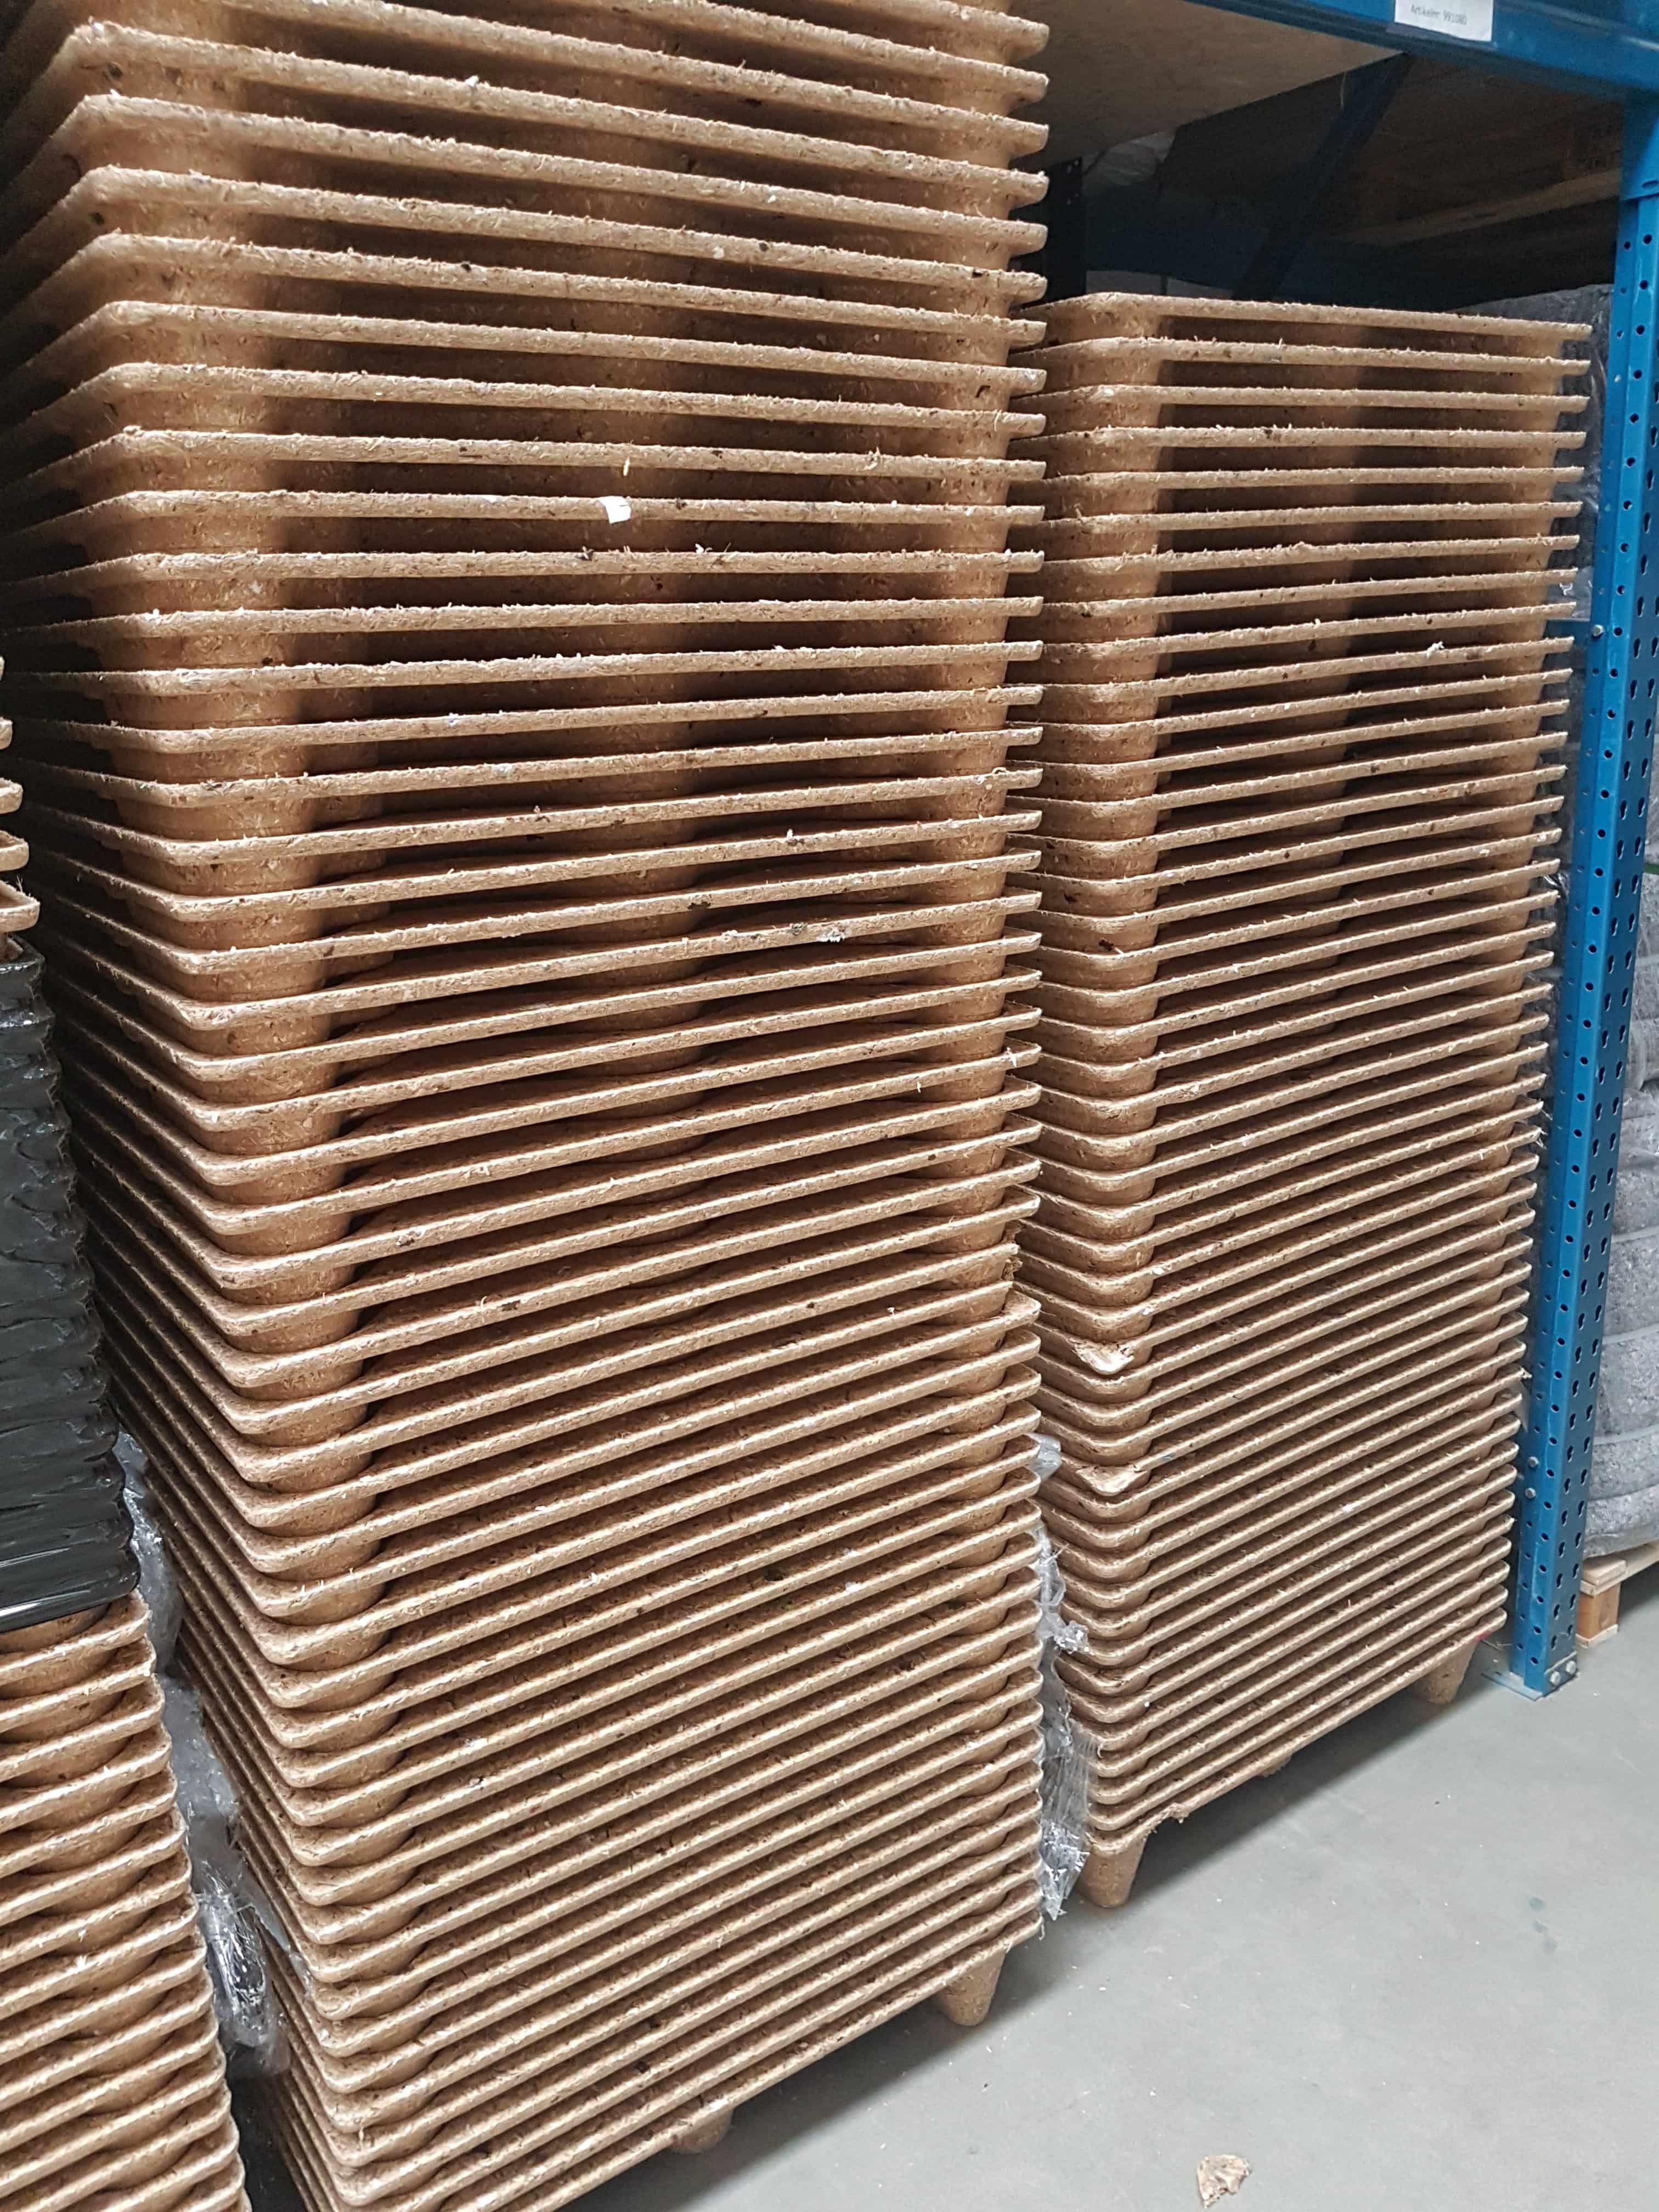 Geperste pallets - 400 x 600mm